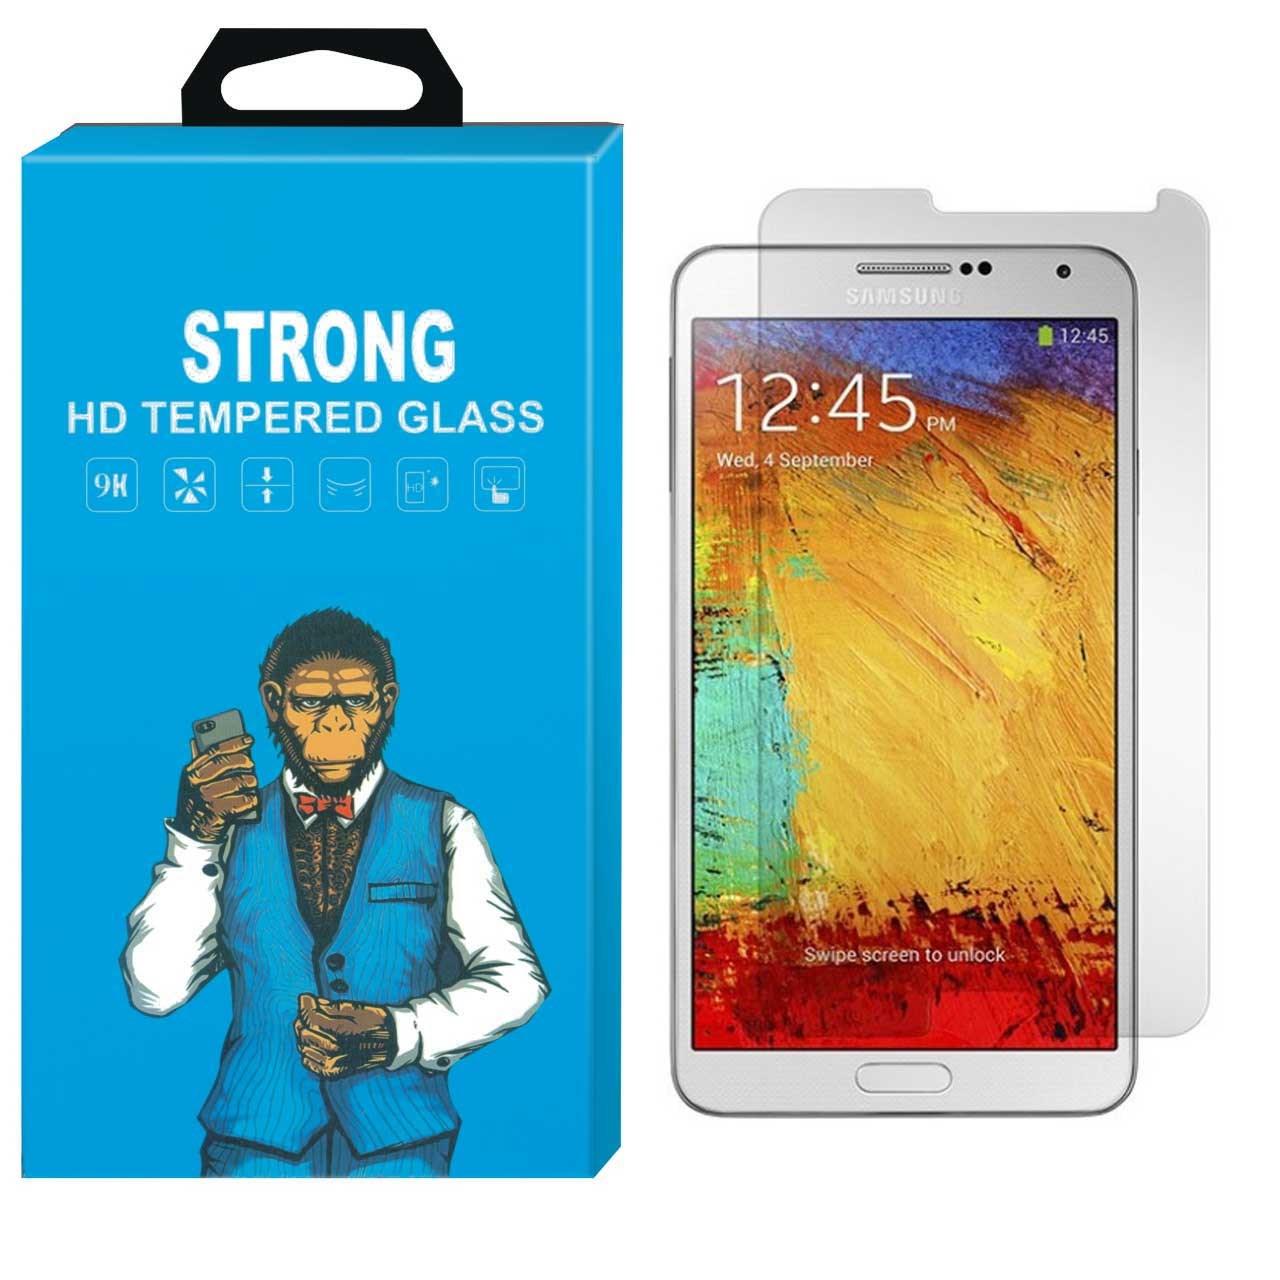 محافظ صفحه نمایش شیشه ای تمپرد مانکی مدل Strong مناسب برای گوشی سامسونگ گلکسی Note 3